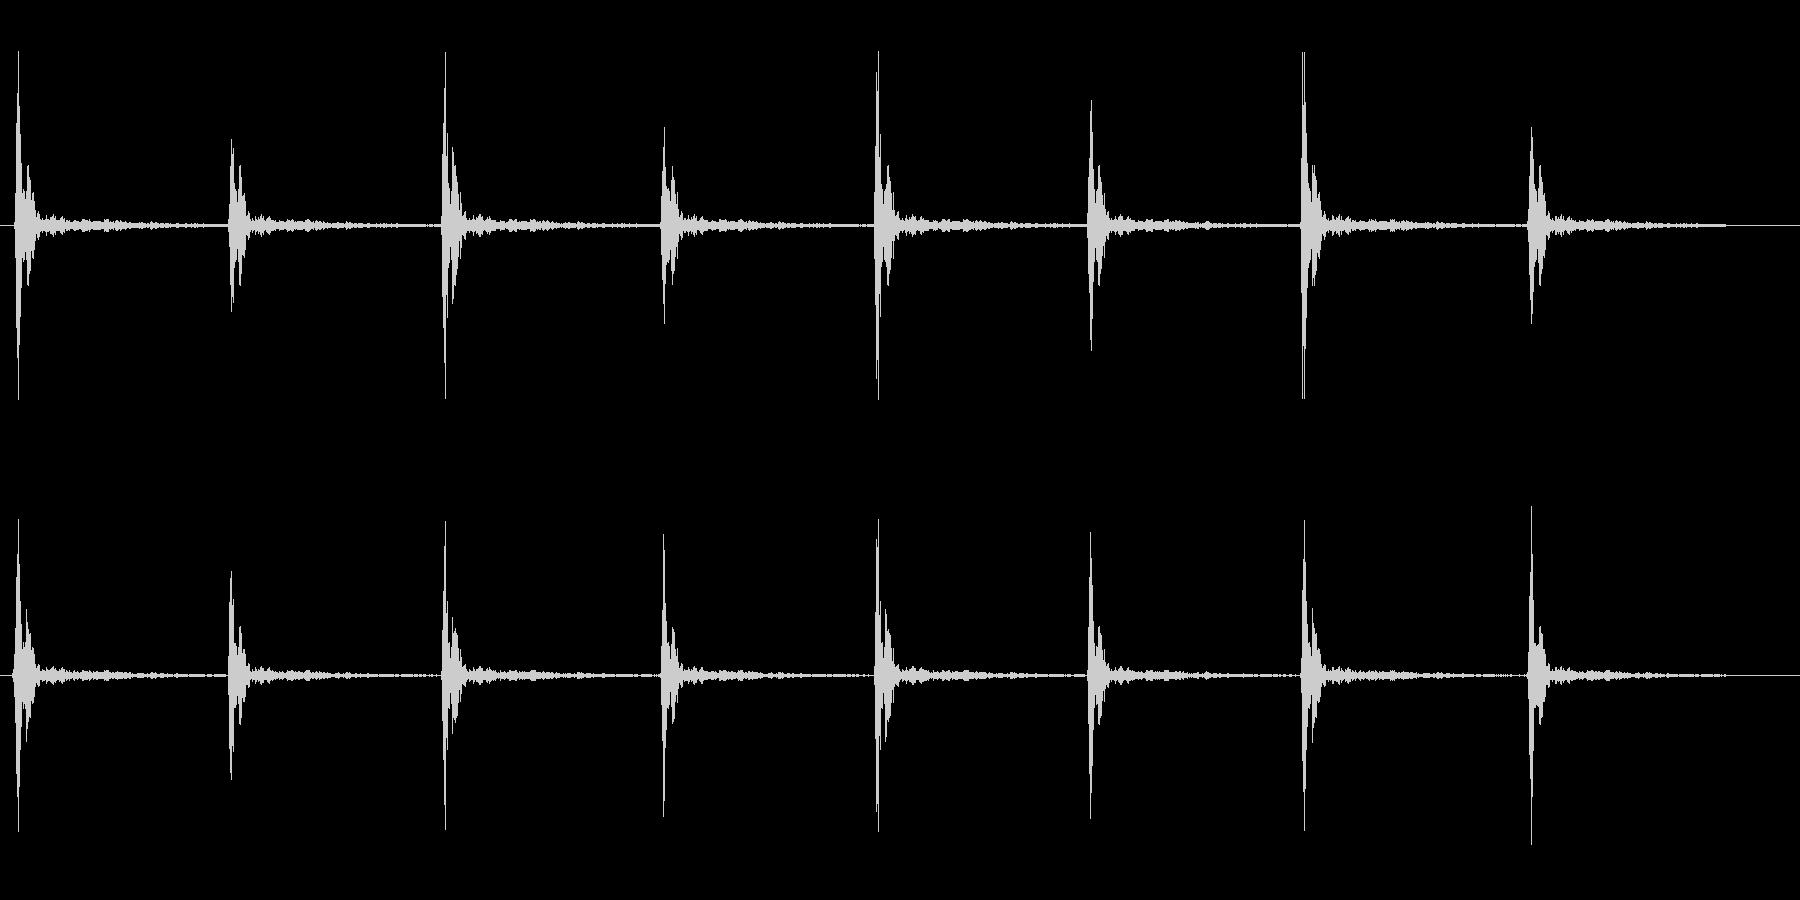 木材をトンカントンカンたたく音の未再生の波形